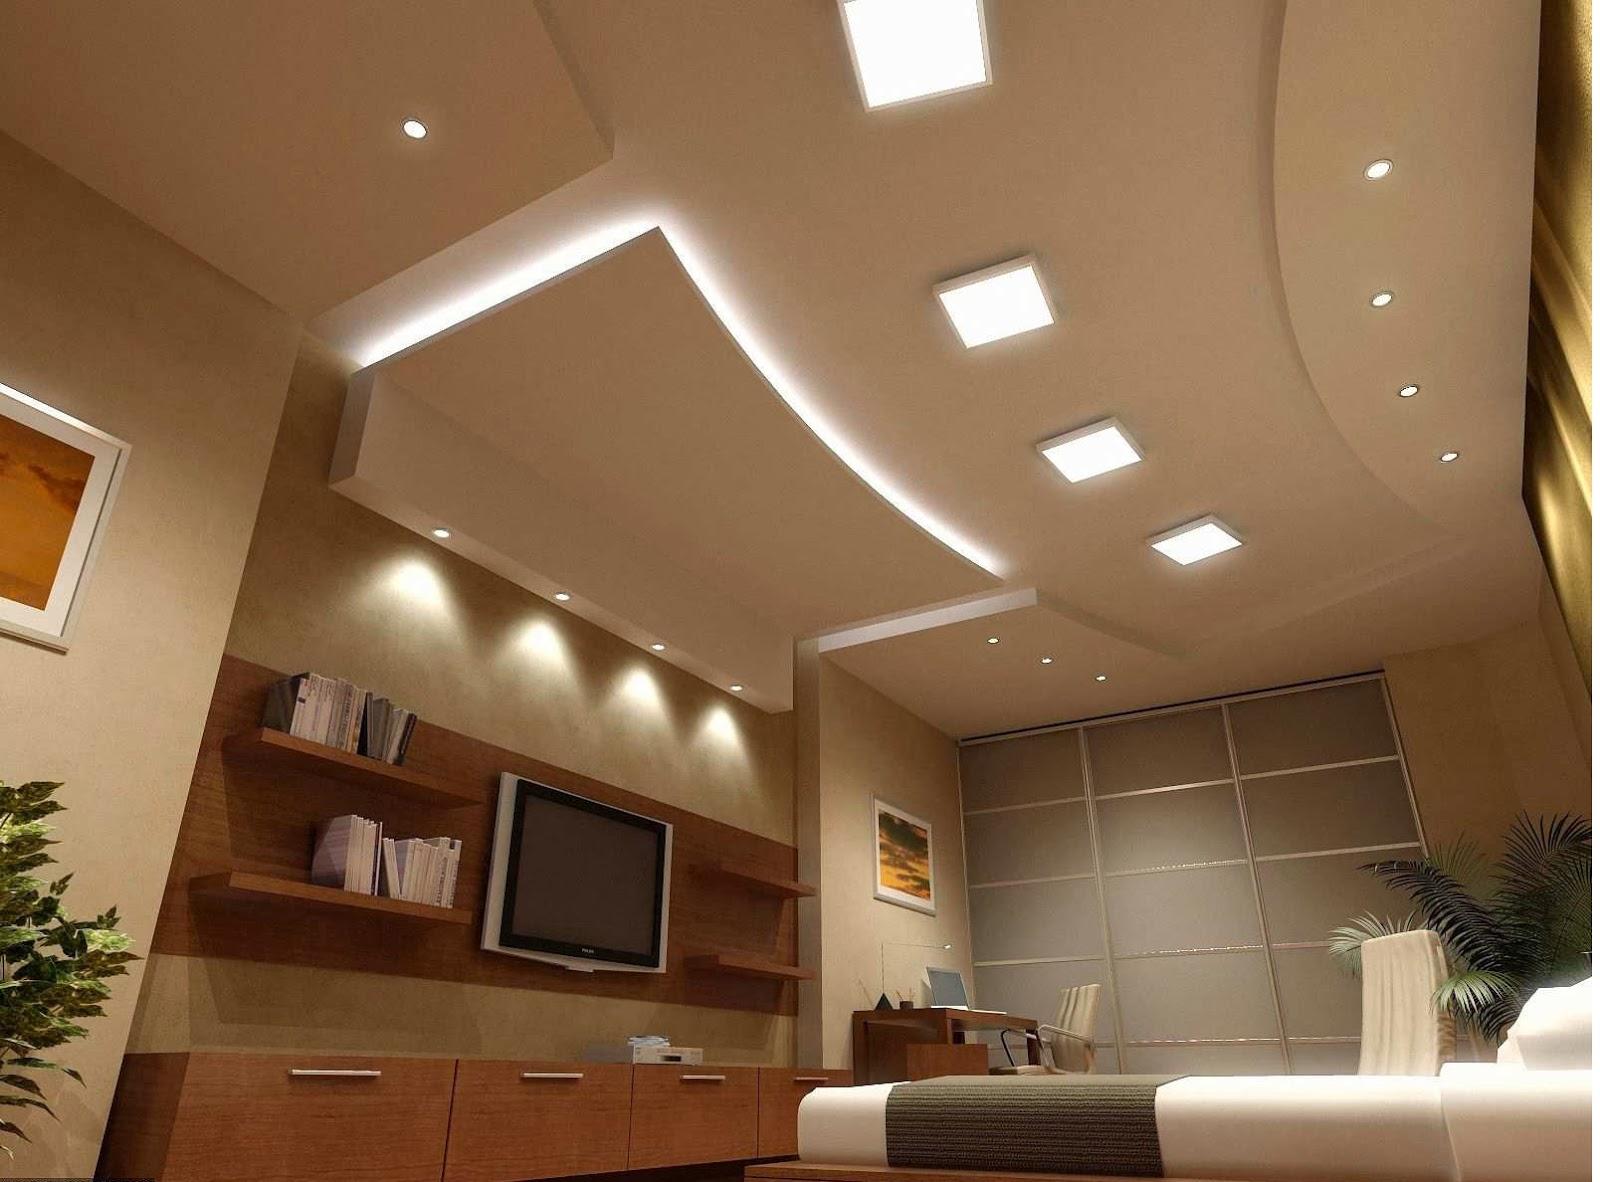 Из гипсокартона фото дизайн потолков интерьера на кухне